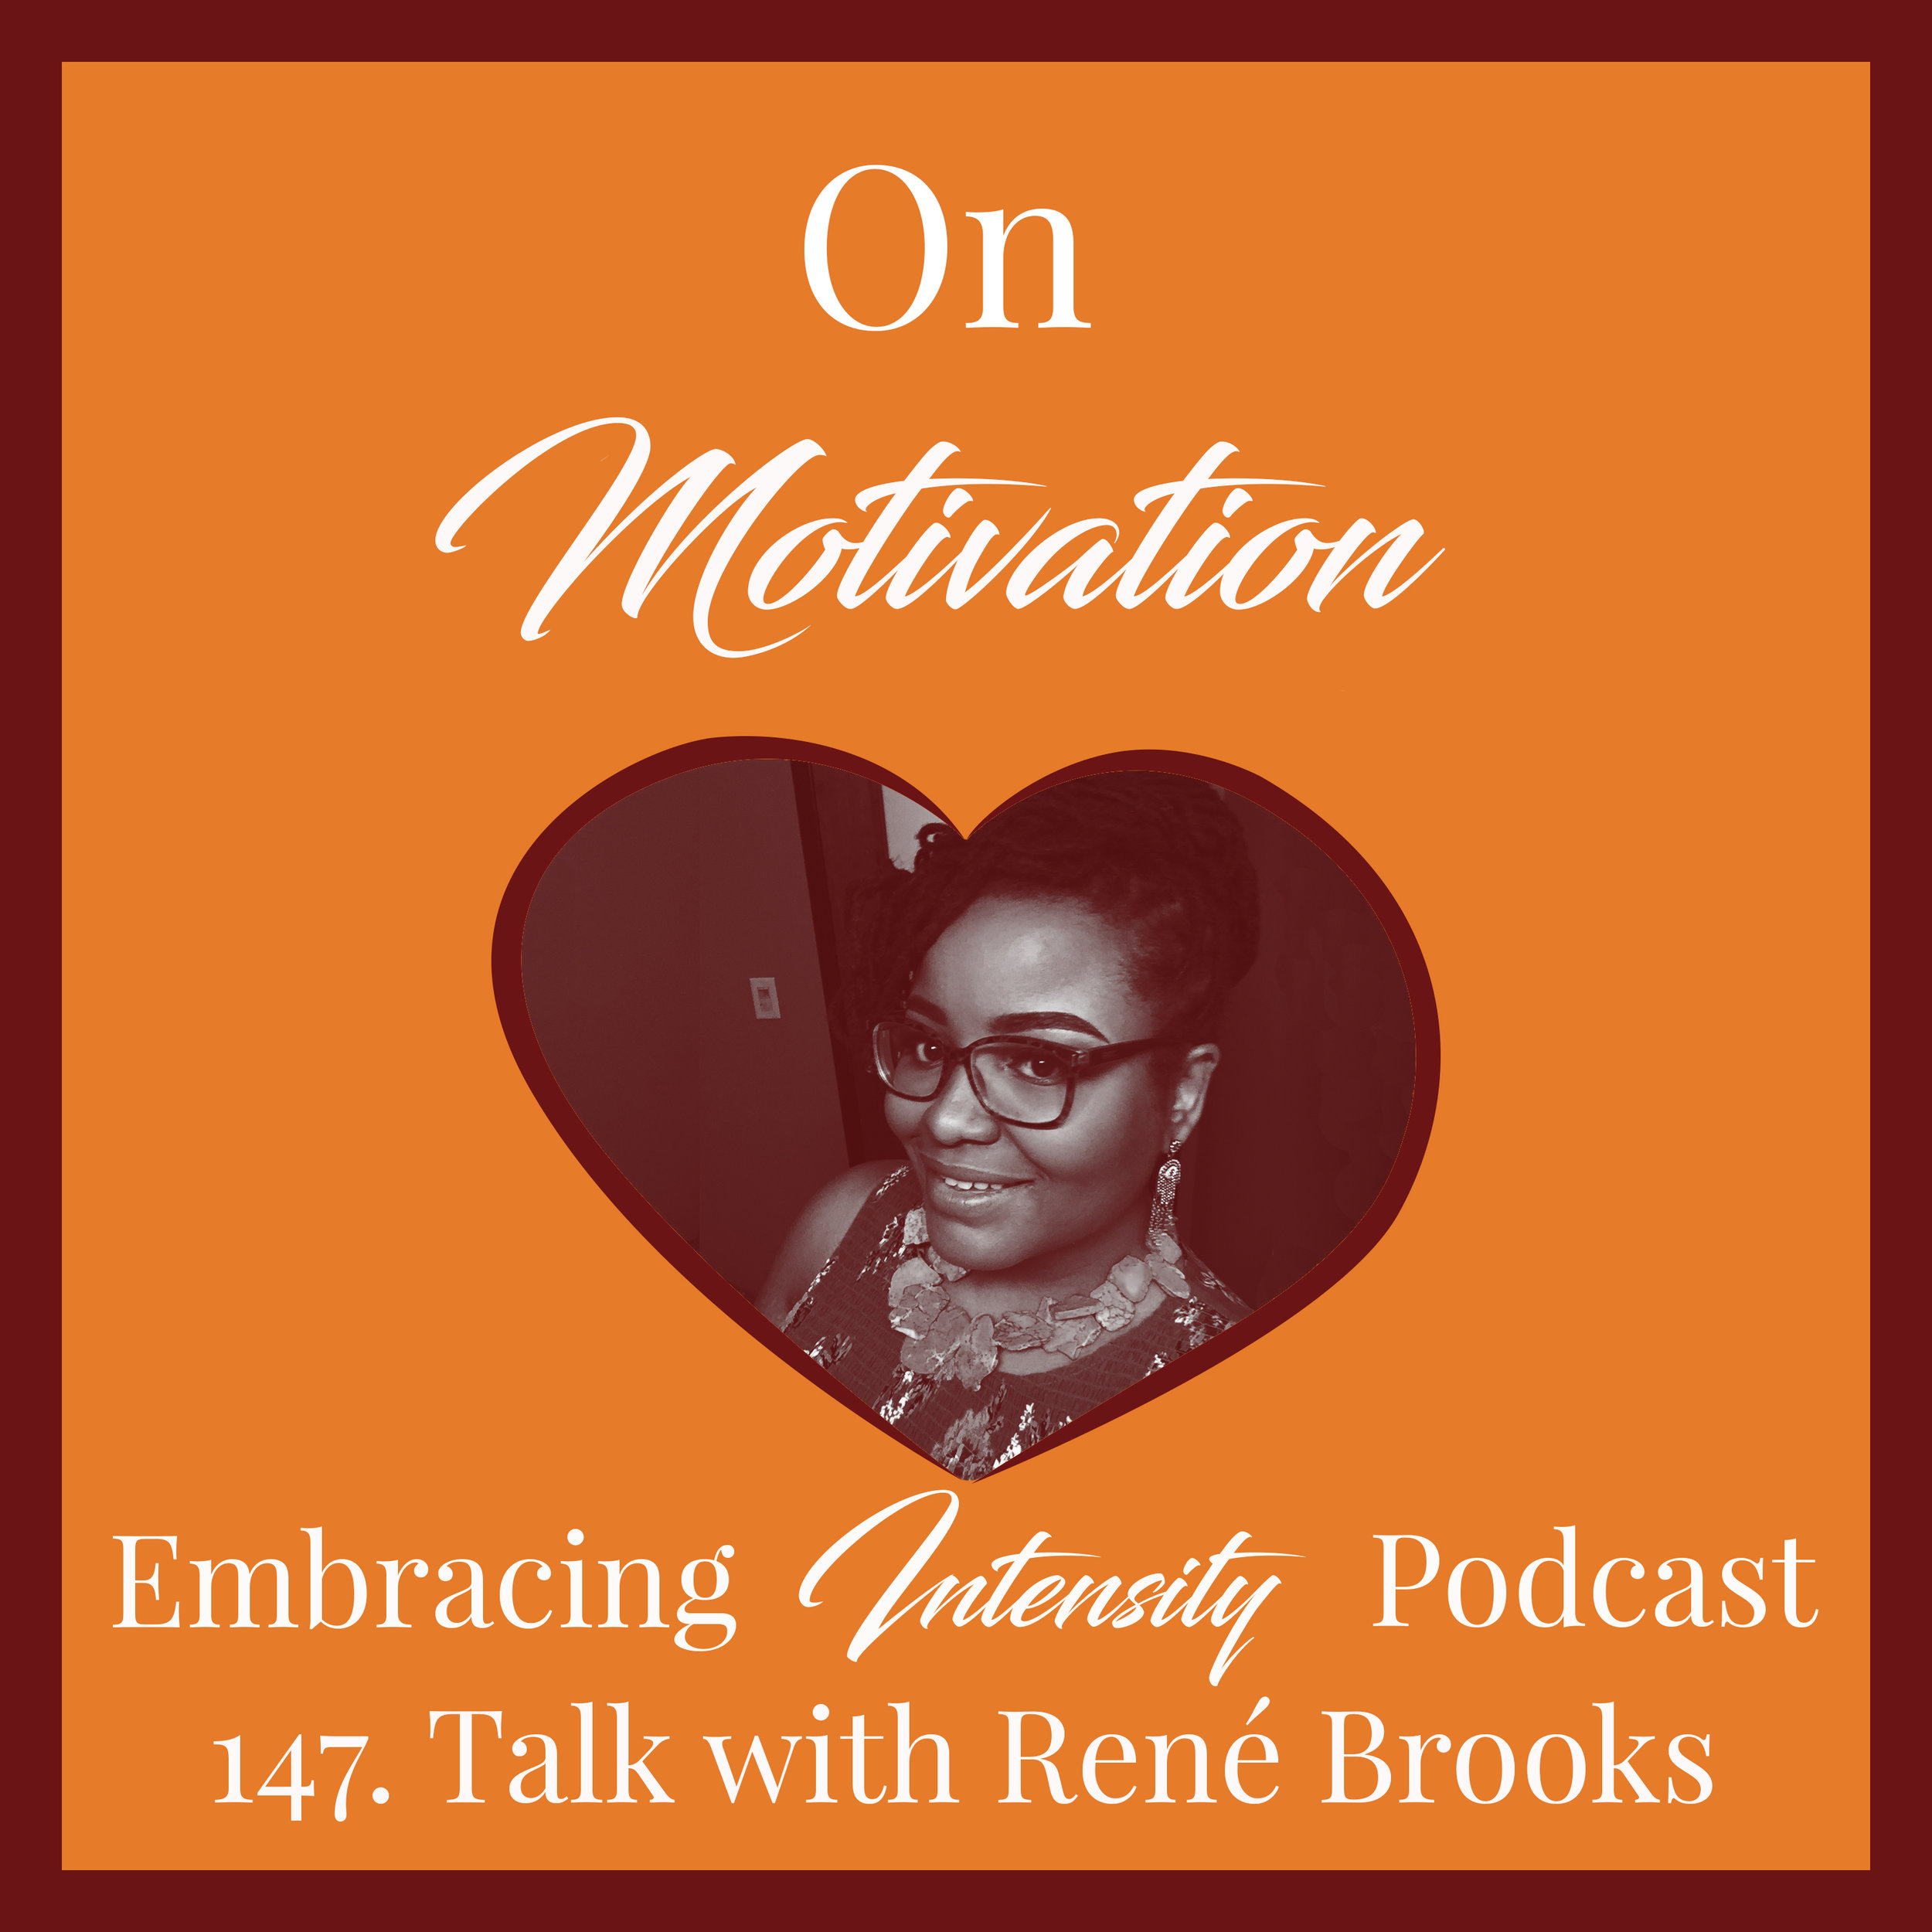 On Motivation with René Brooks